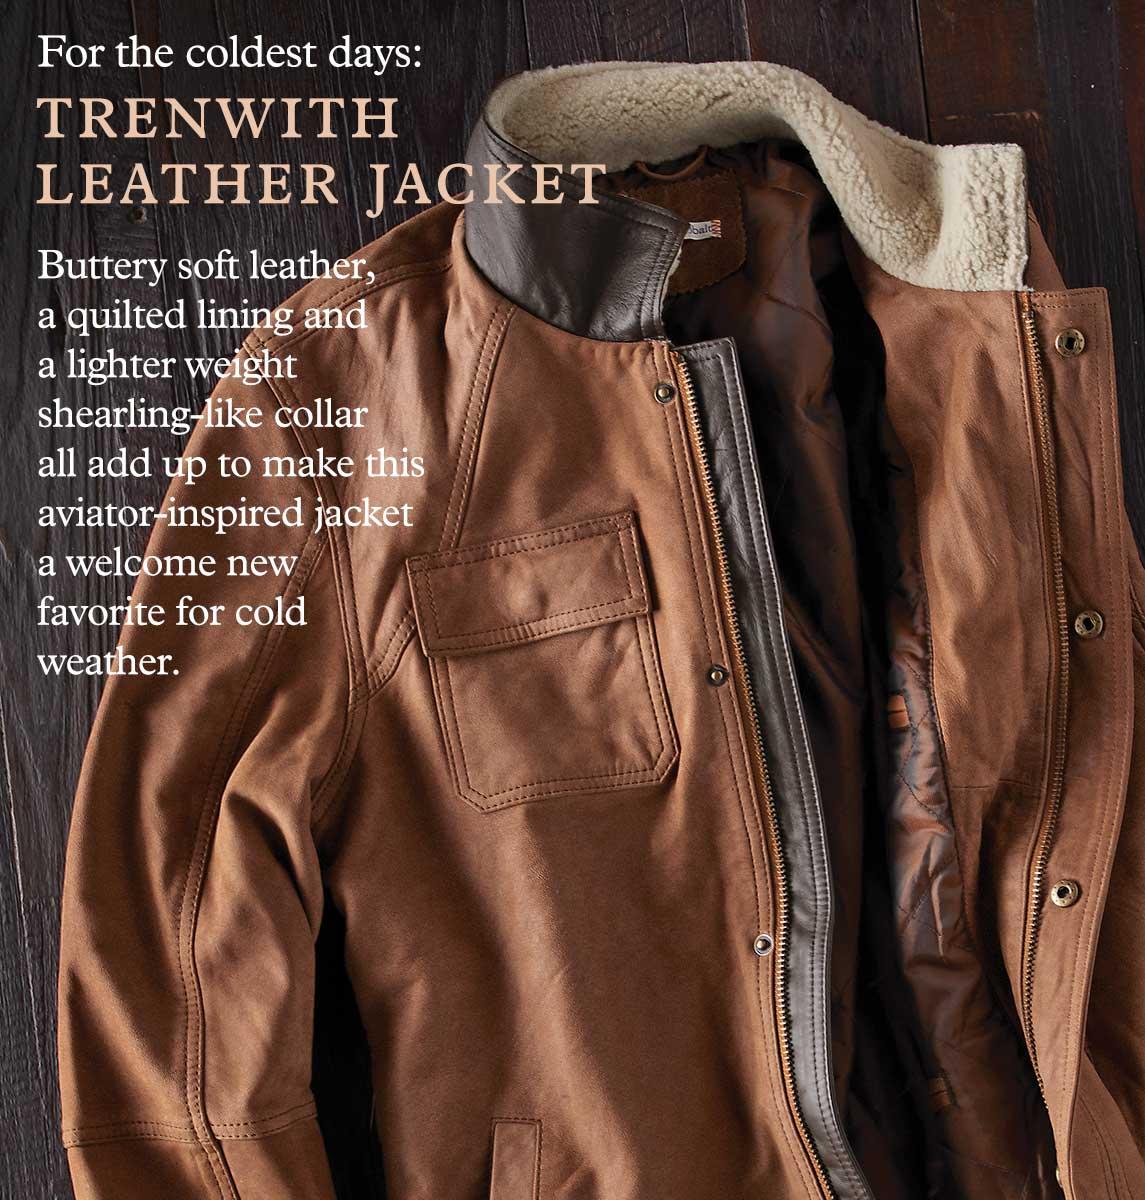 Trenwith Leather Jacket